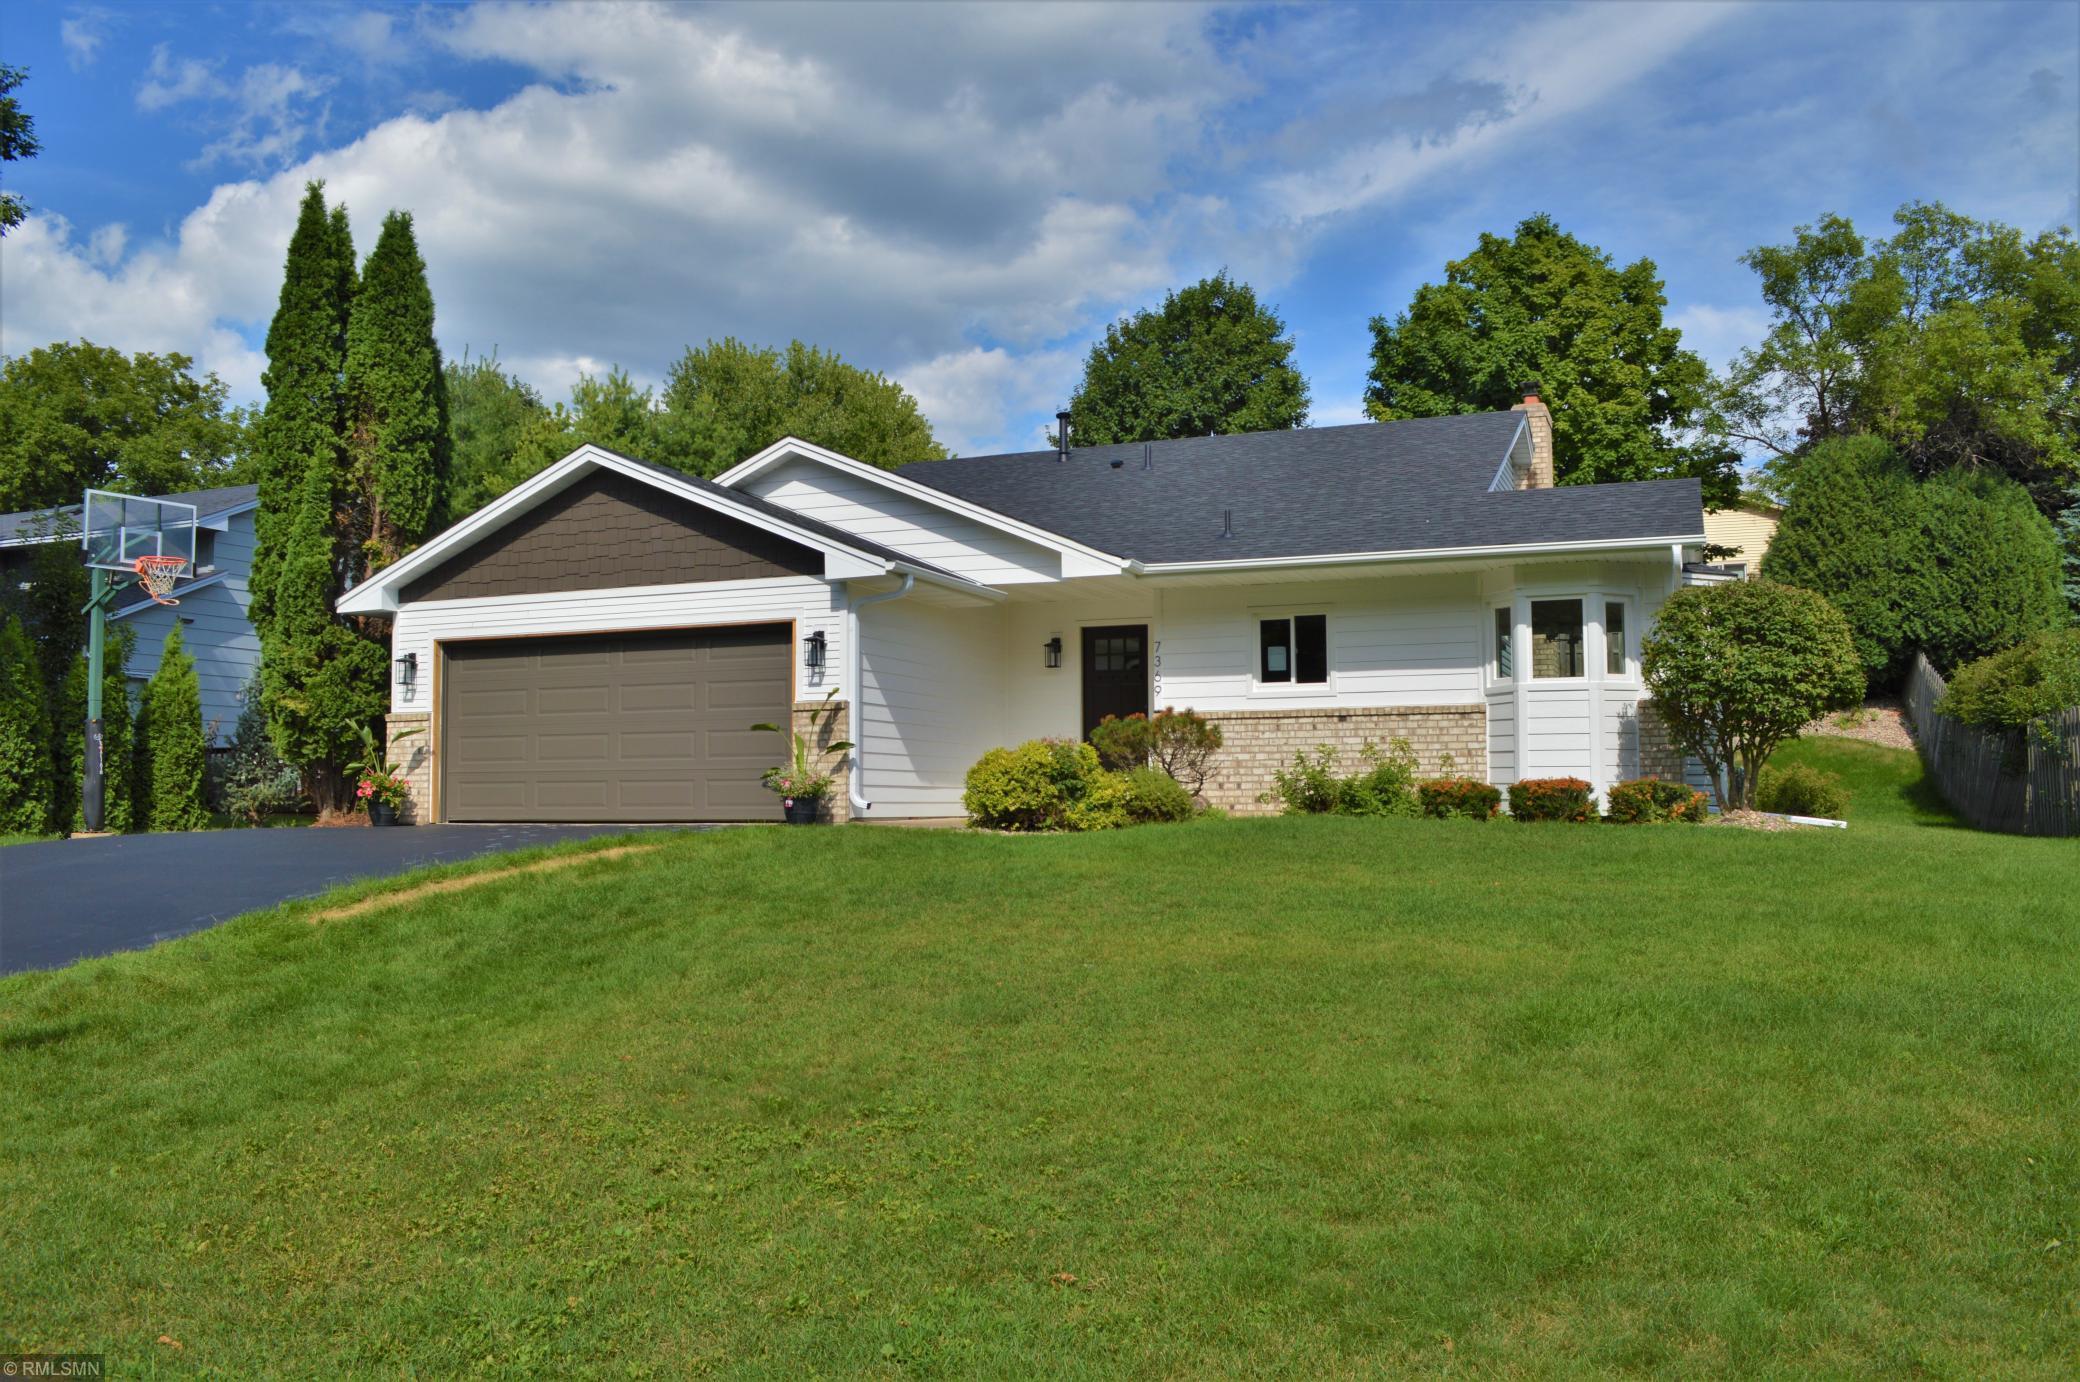 7369 Butterscotch, Eden Prairie, MN 55346 - Eden Prairie, MN real estate listing